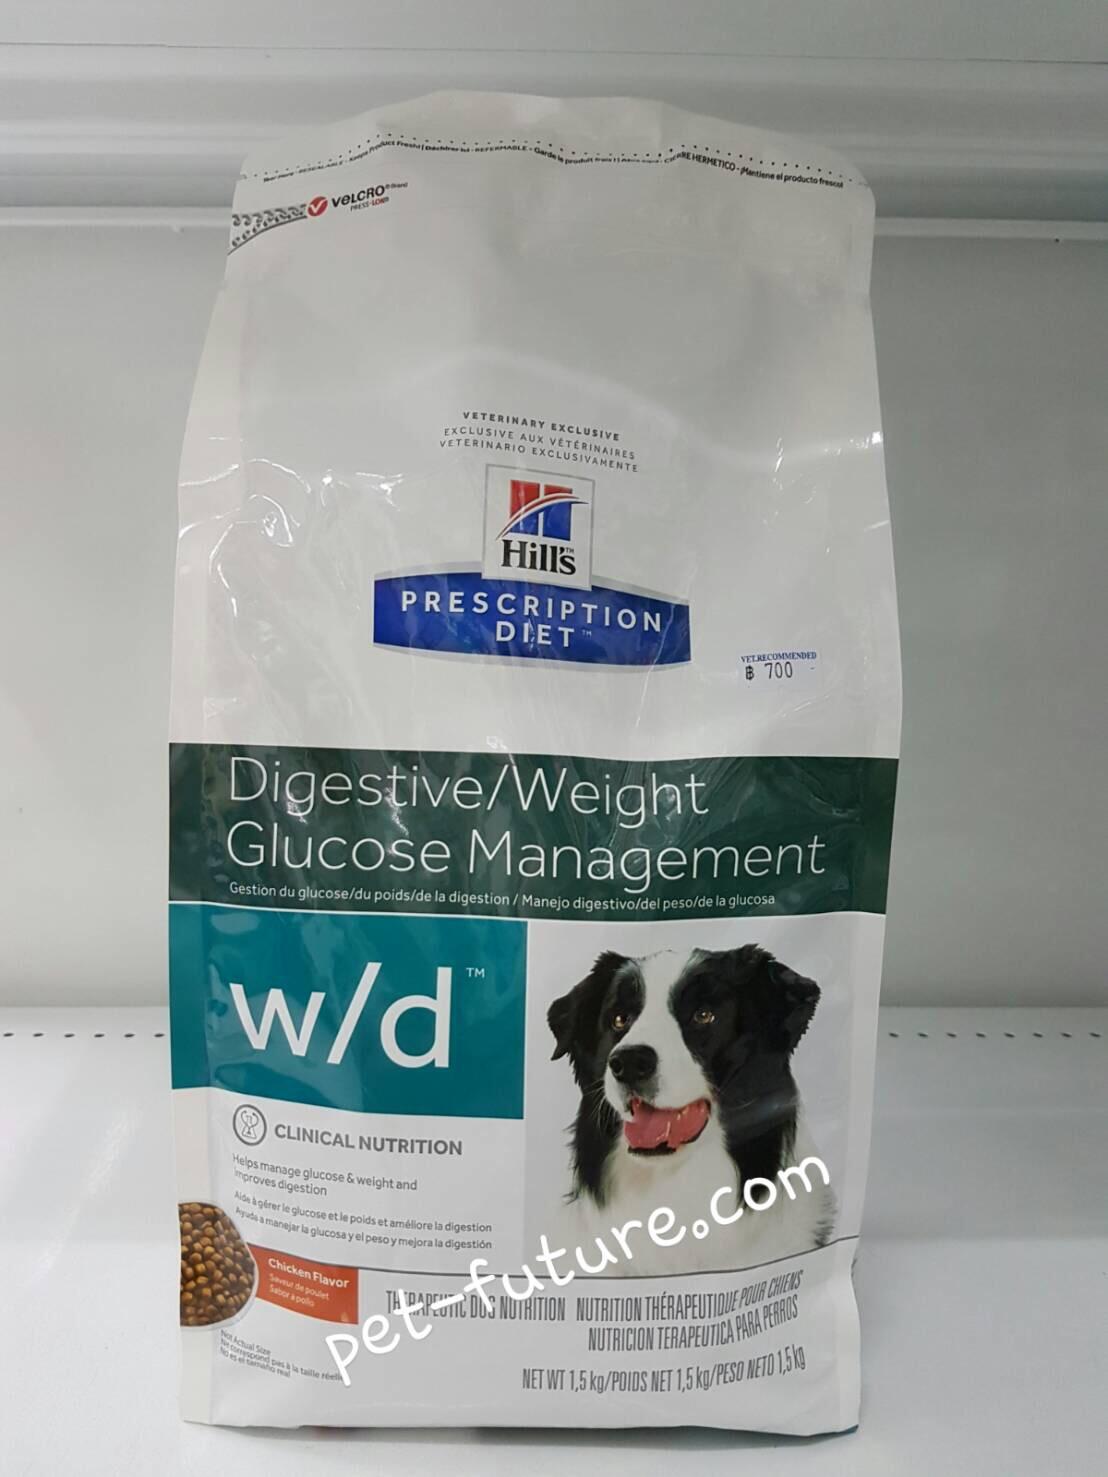 w/d canine 1.5 kg Exp. 05/19 สูตรควบคุมน้ำหนัก เบาหวานและระบบย่อยอาหาร (ราคาสินค้าเฉพาะลูกค้ากดสั่งทางเวปเท่านั้น)